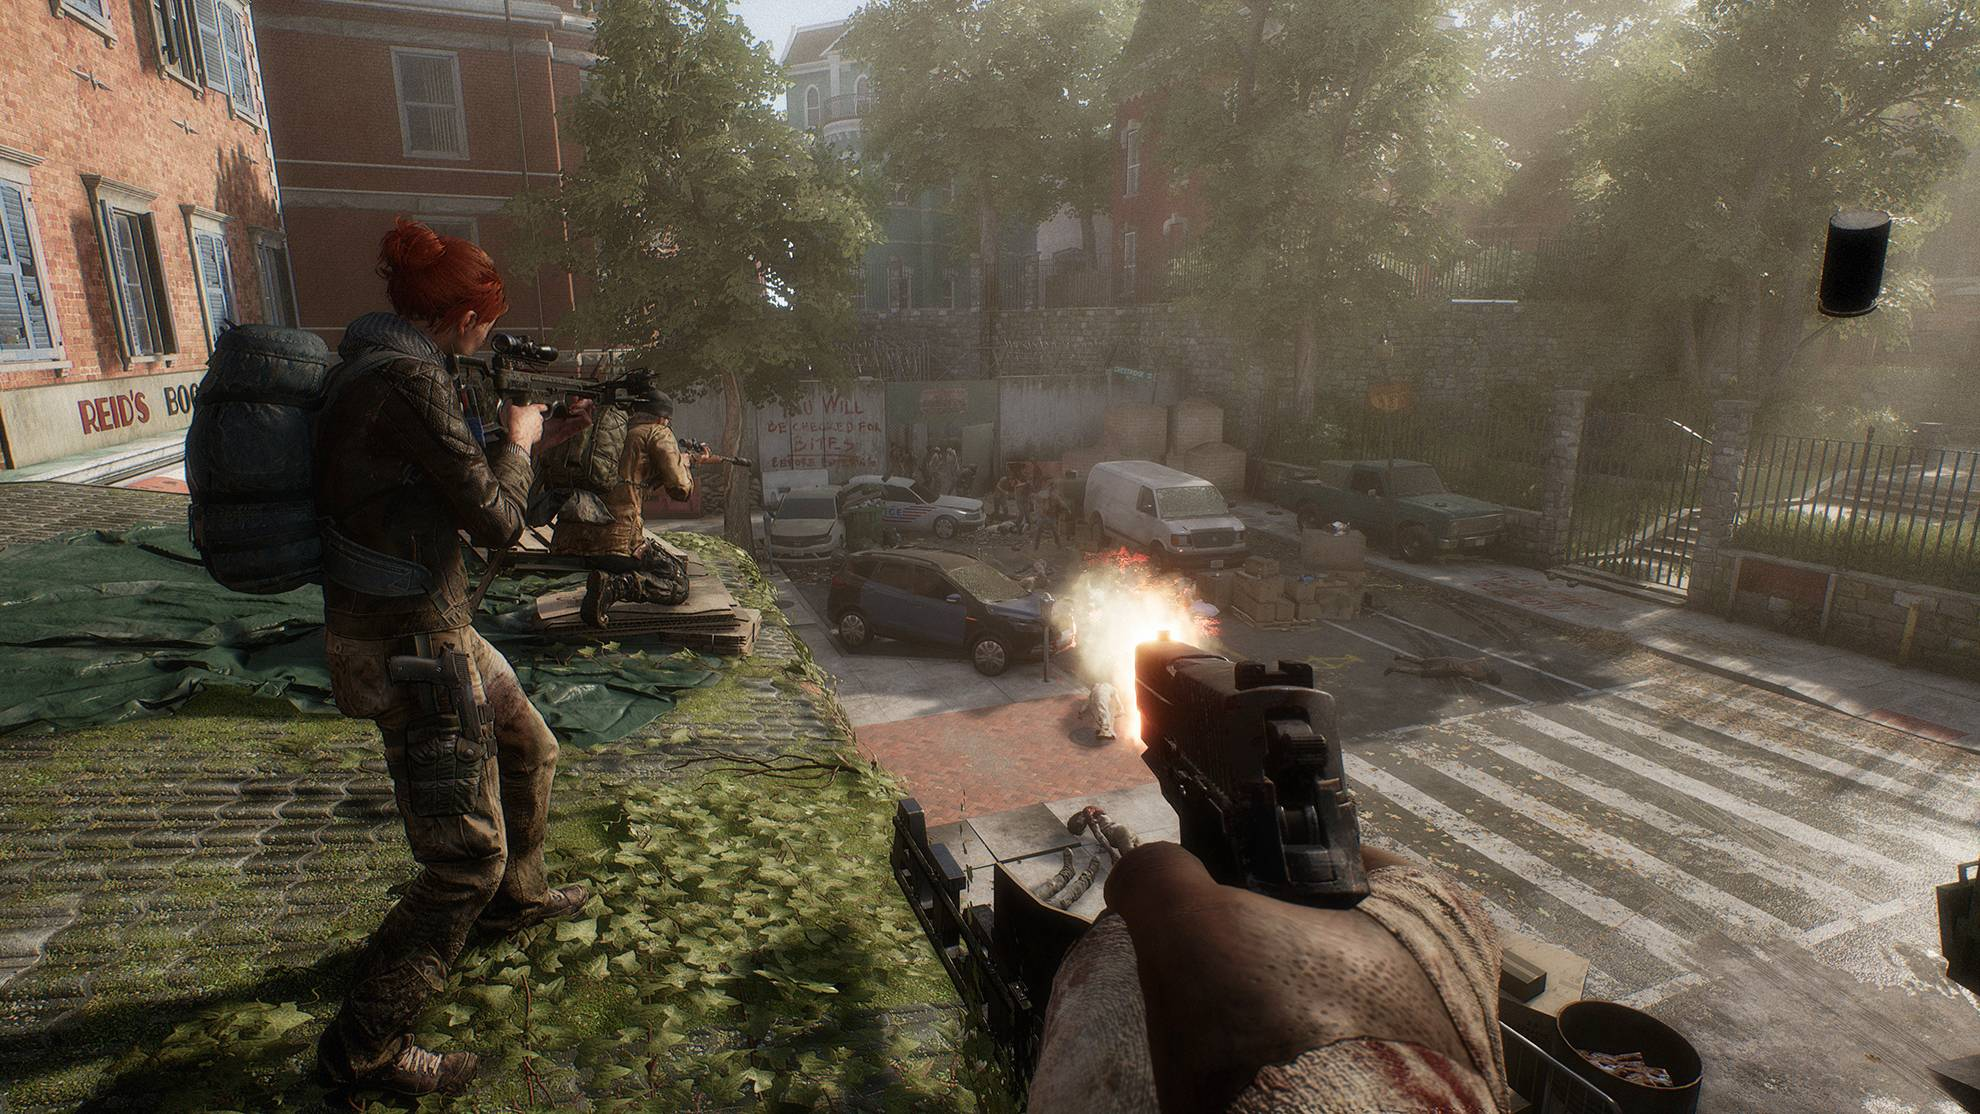 Tráiler de lanzamiento del juego de acción cooperativa Overkill's The Walking Dead